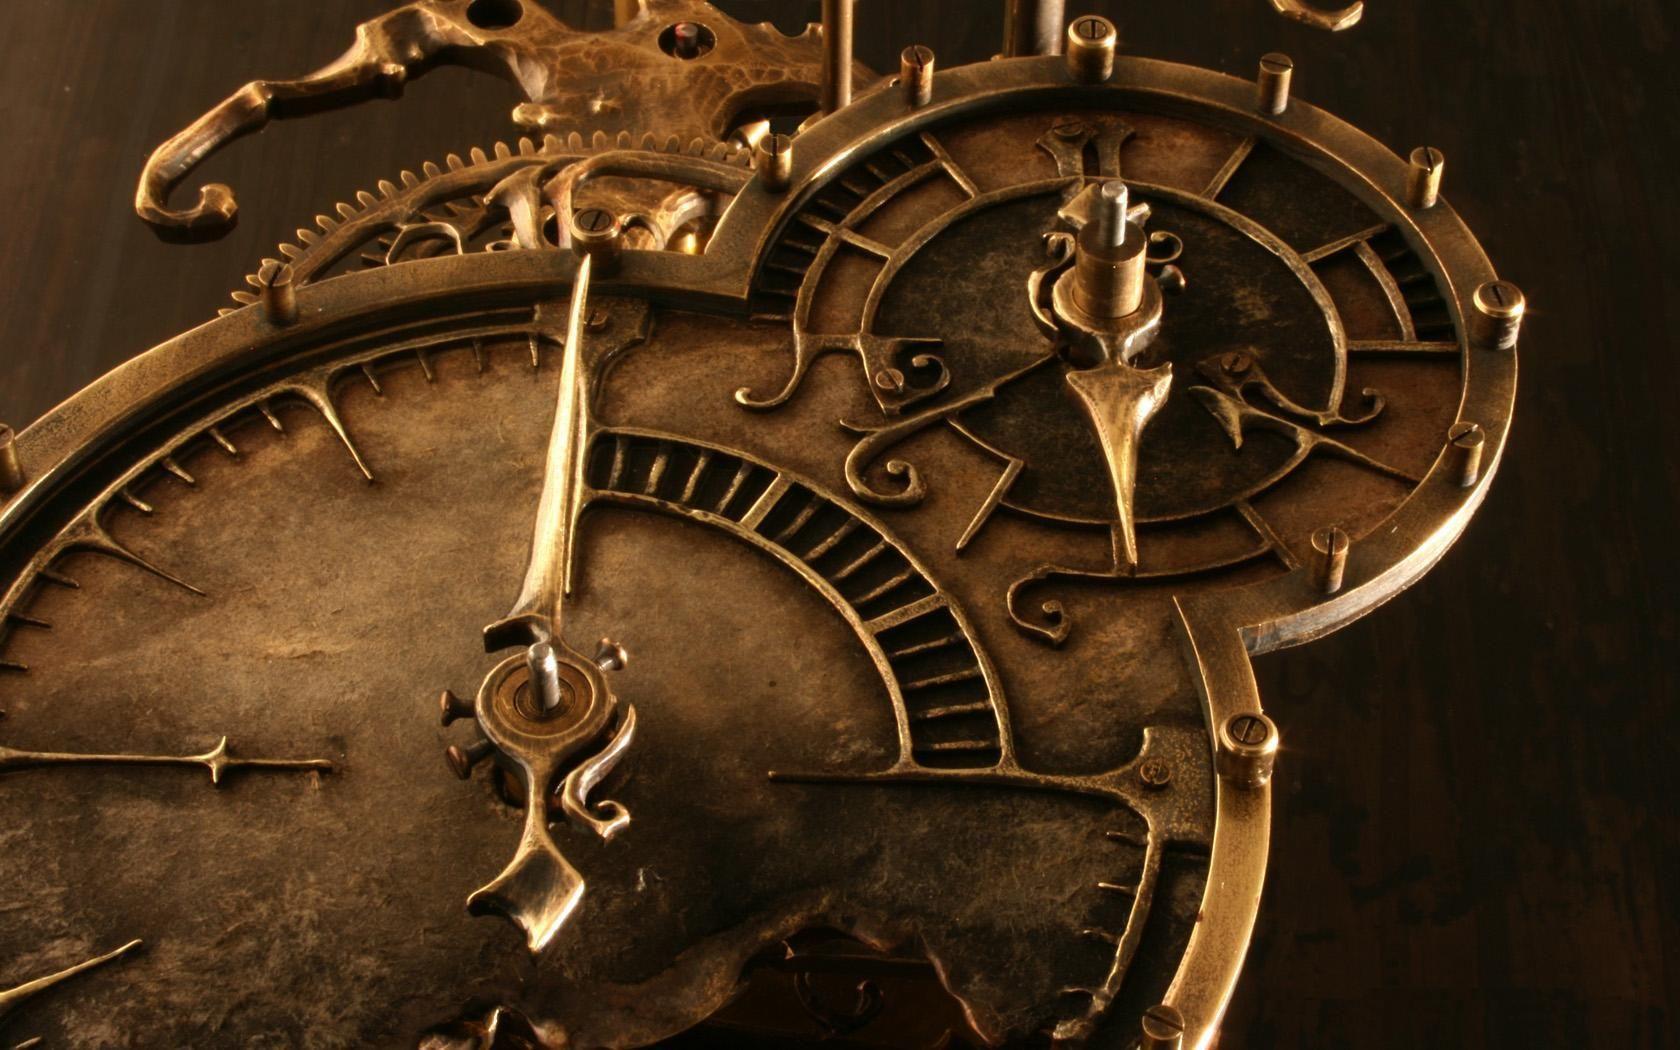 Обои — Старинный часовой механизм, красивые картинки, фото, заставки и обои  на рабочий стол | Steampunk wallpaper, Steampunk clock, Clock wallpaper